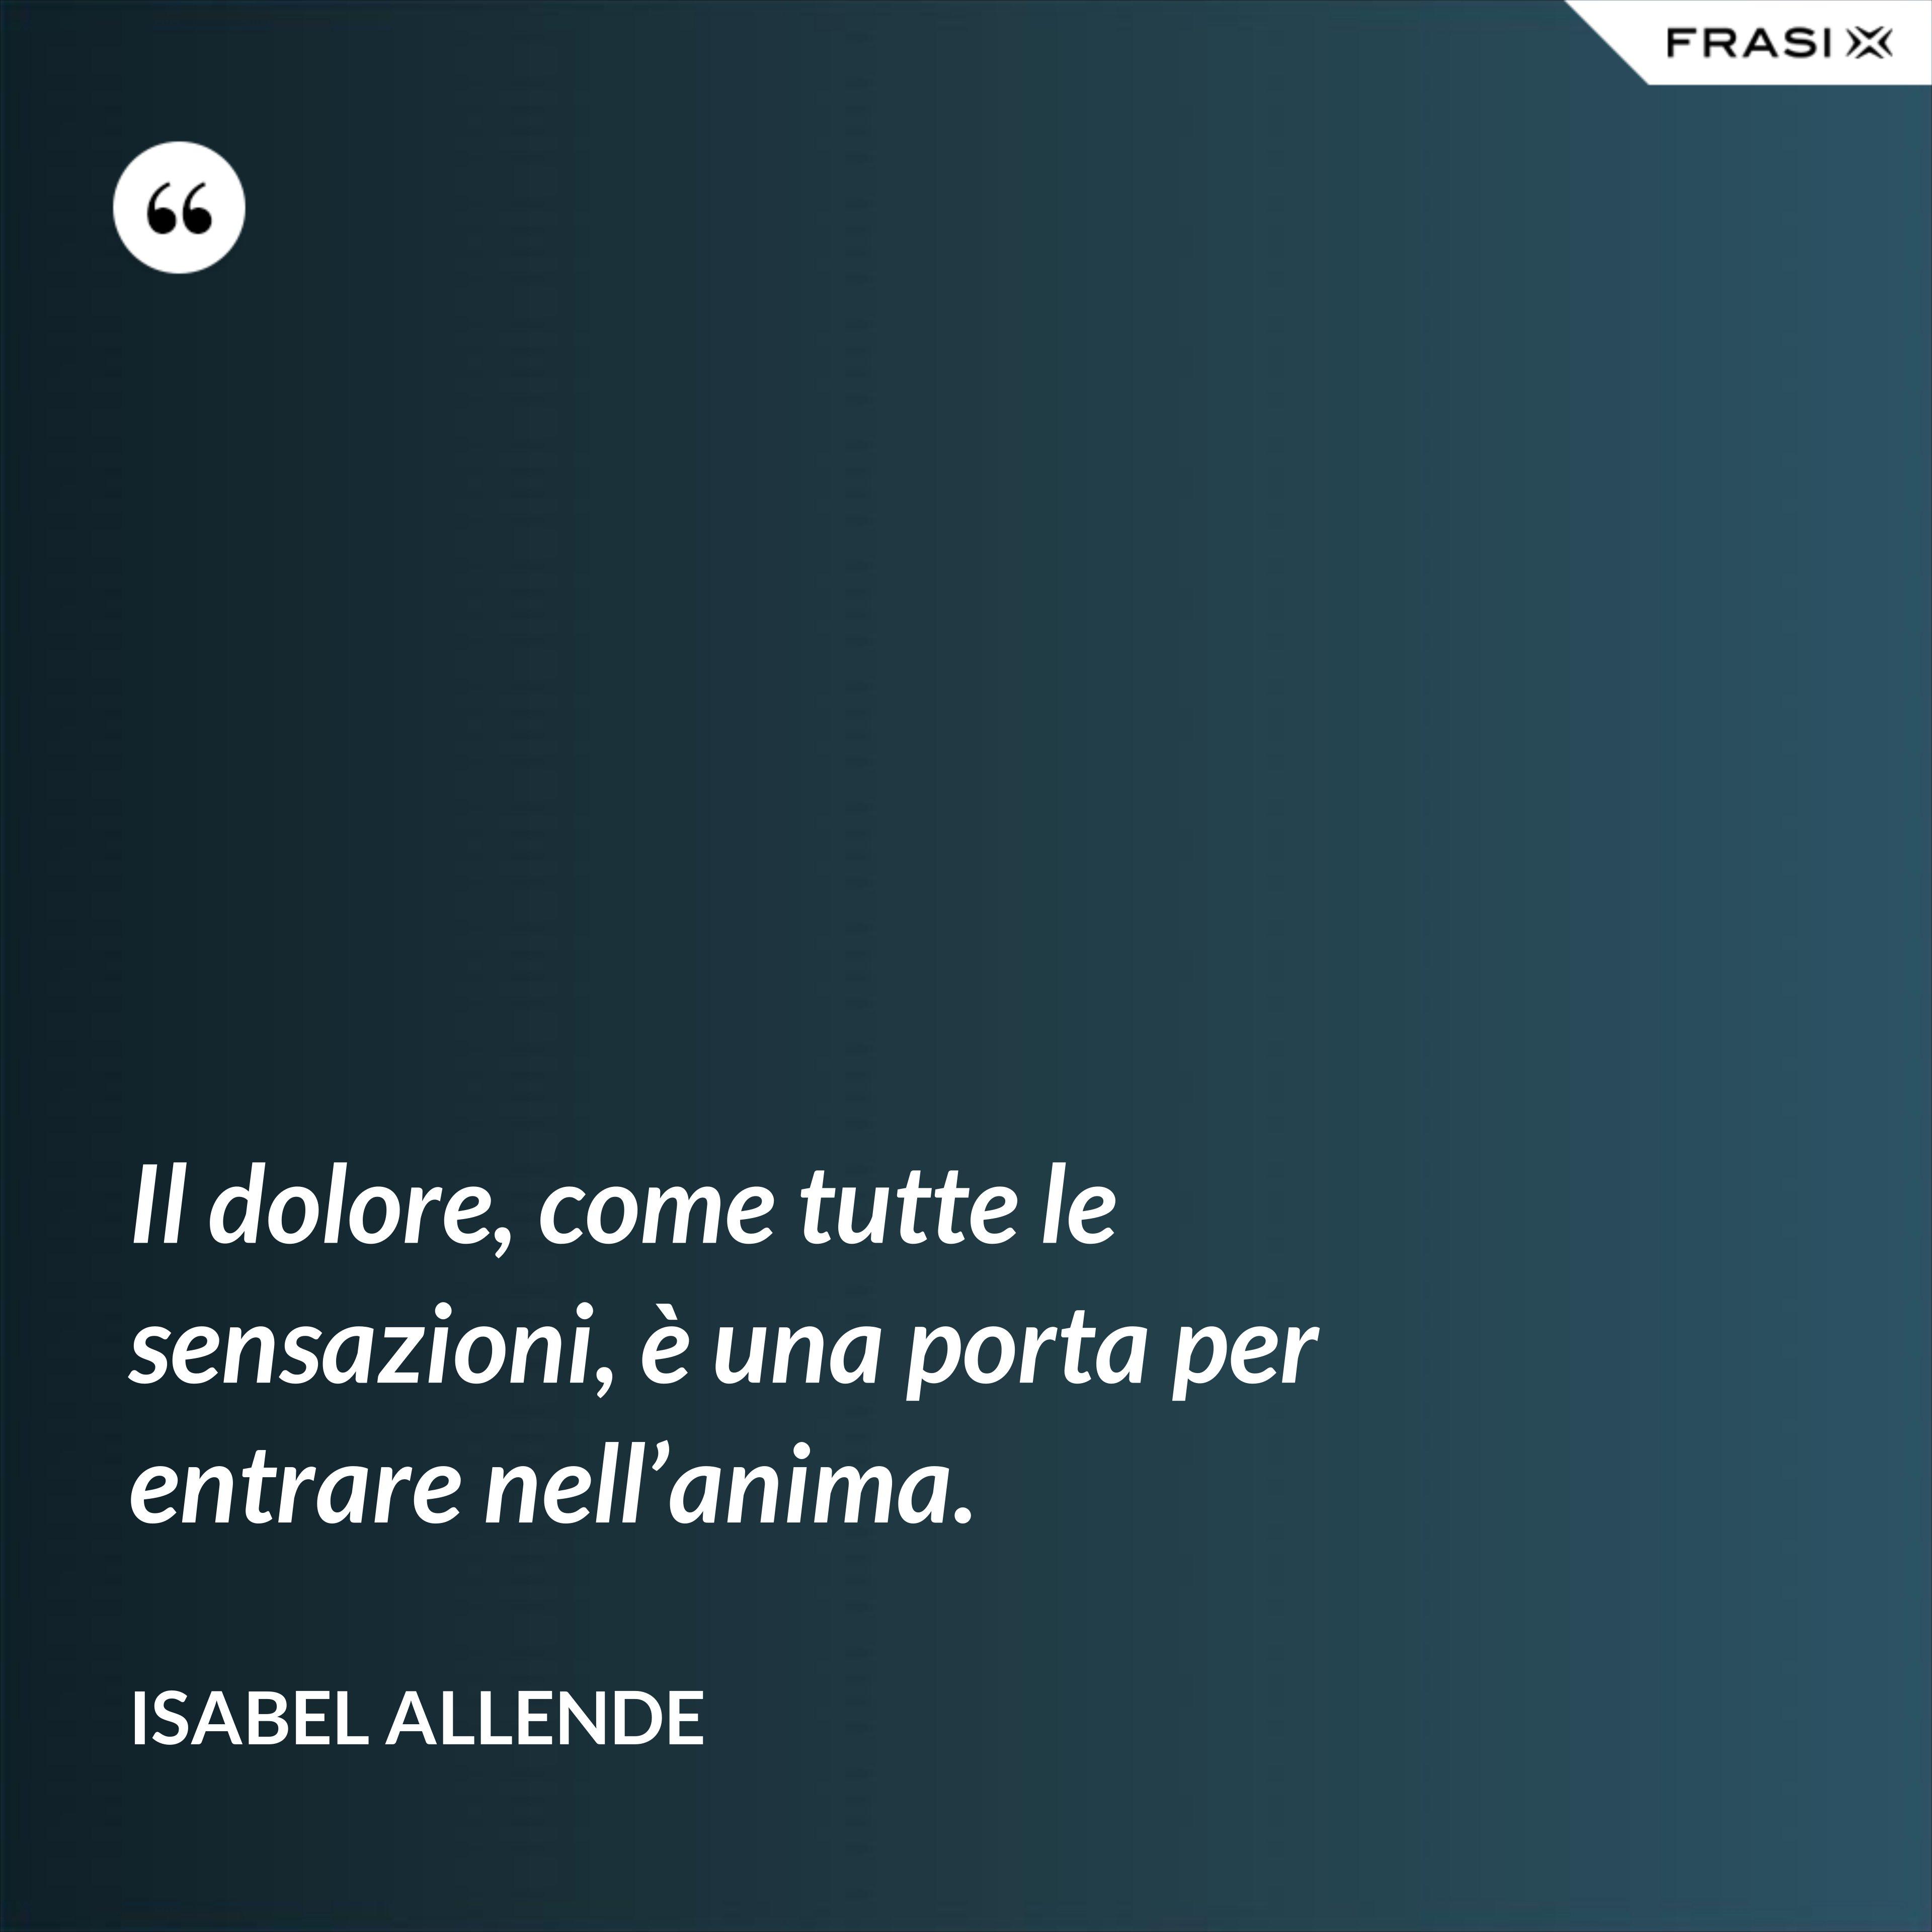 Il dolore, come tutte le sensazioni, è una porta per entrare nell'anima. - Isabel Allende